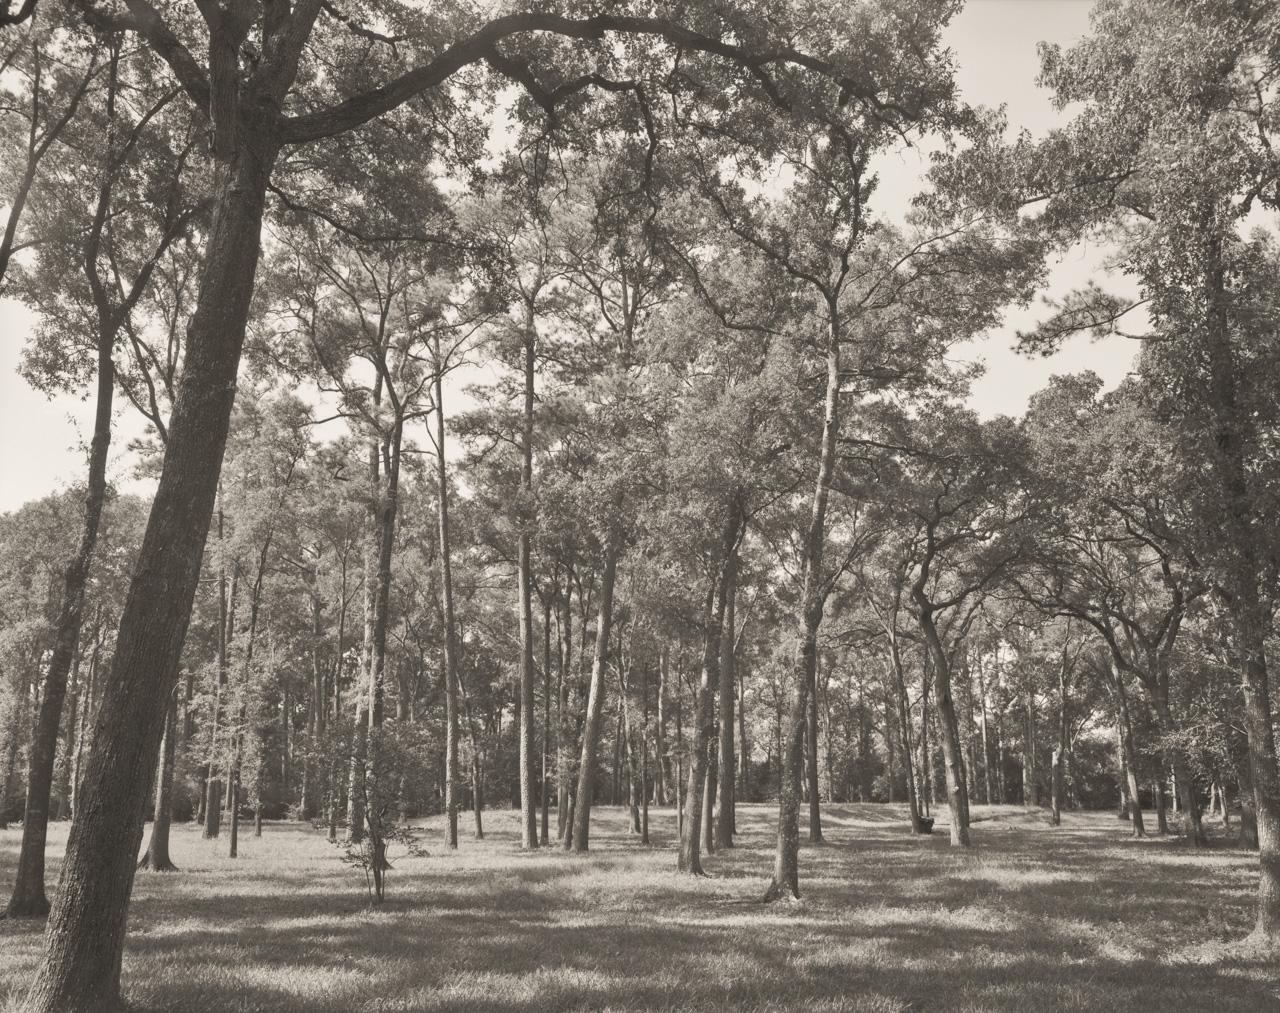 040 River oaks I FLAT